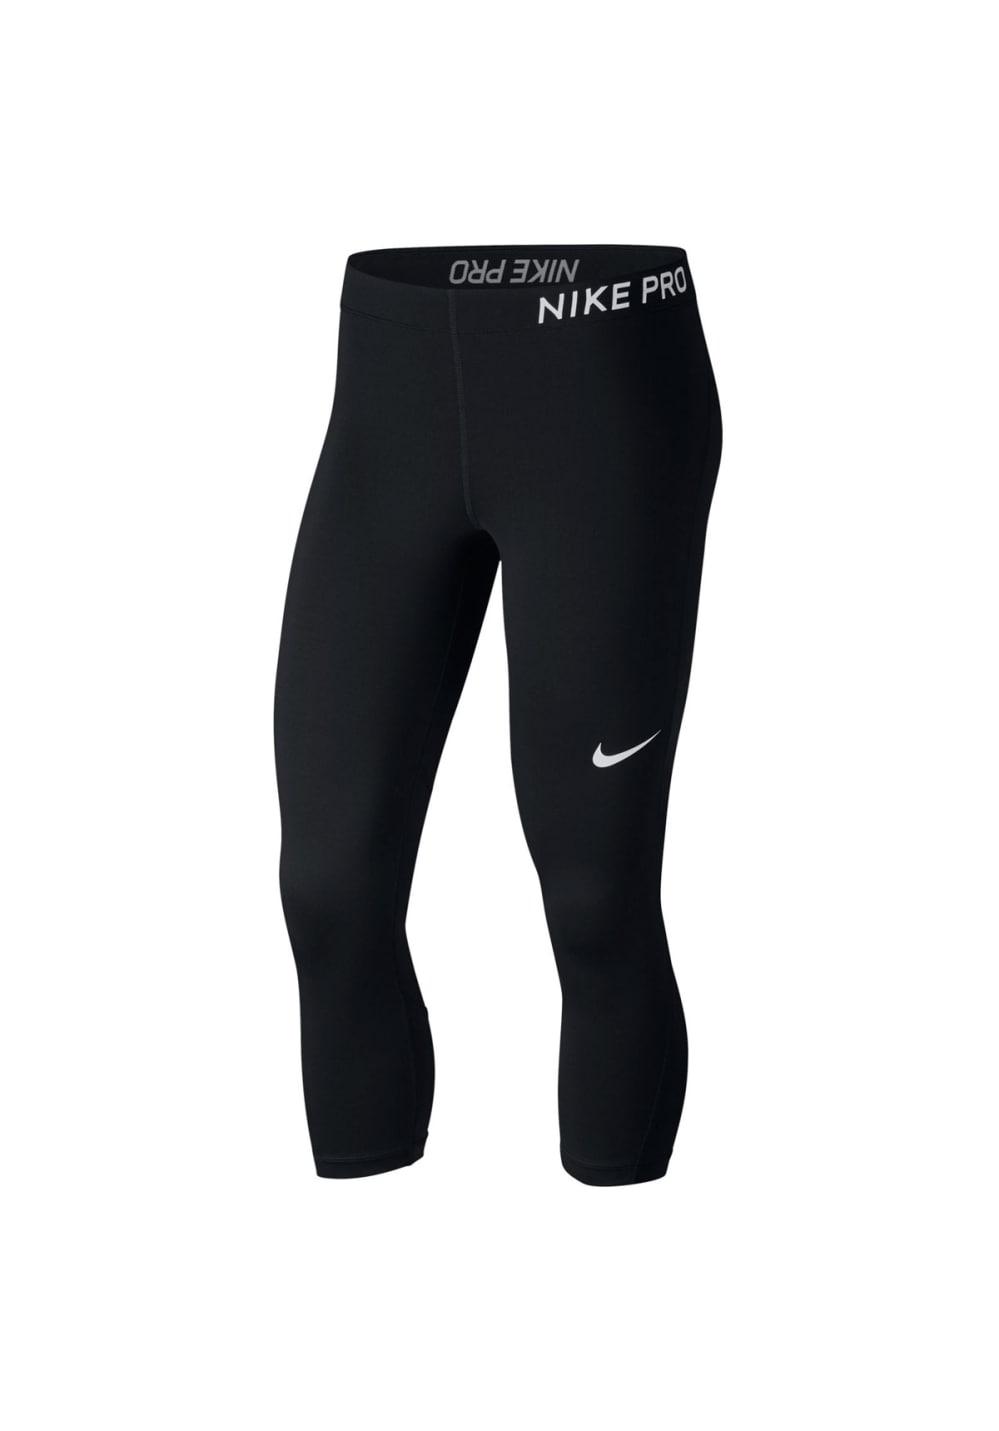 Nike Pro Capris - Fitnesshosen für Damen - Schwarz